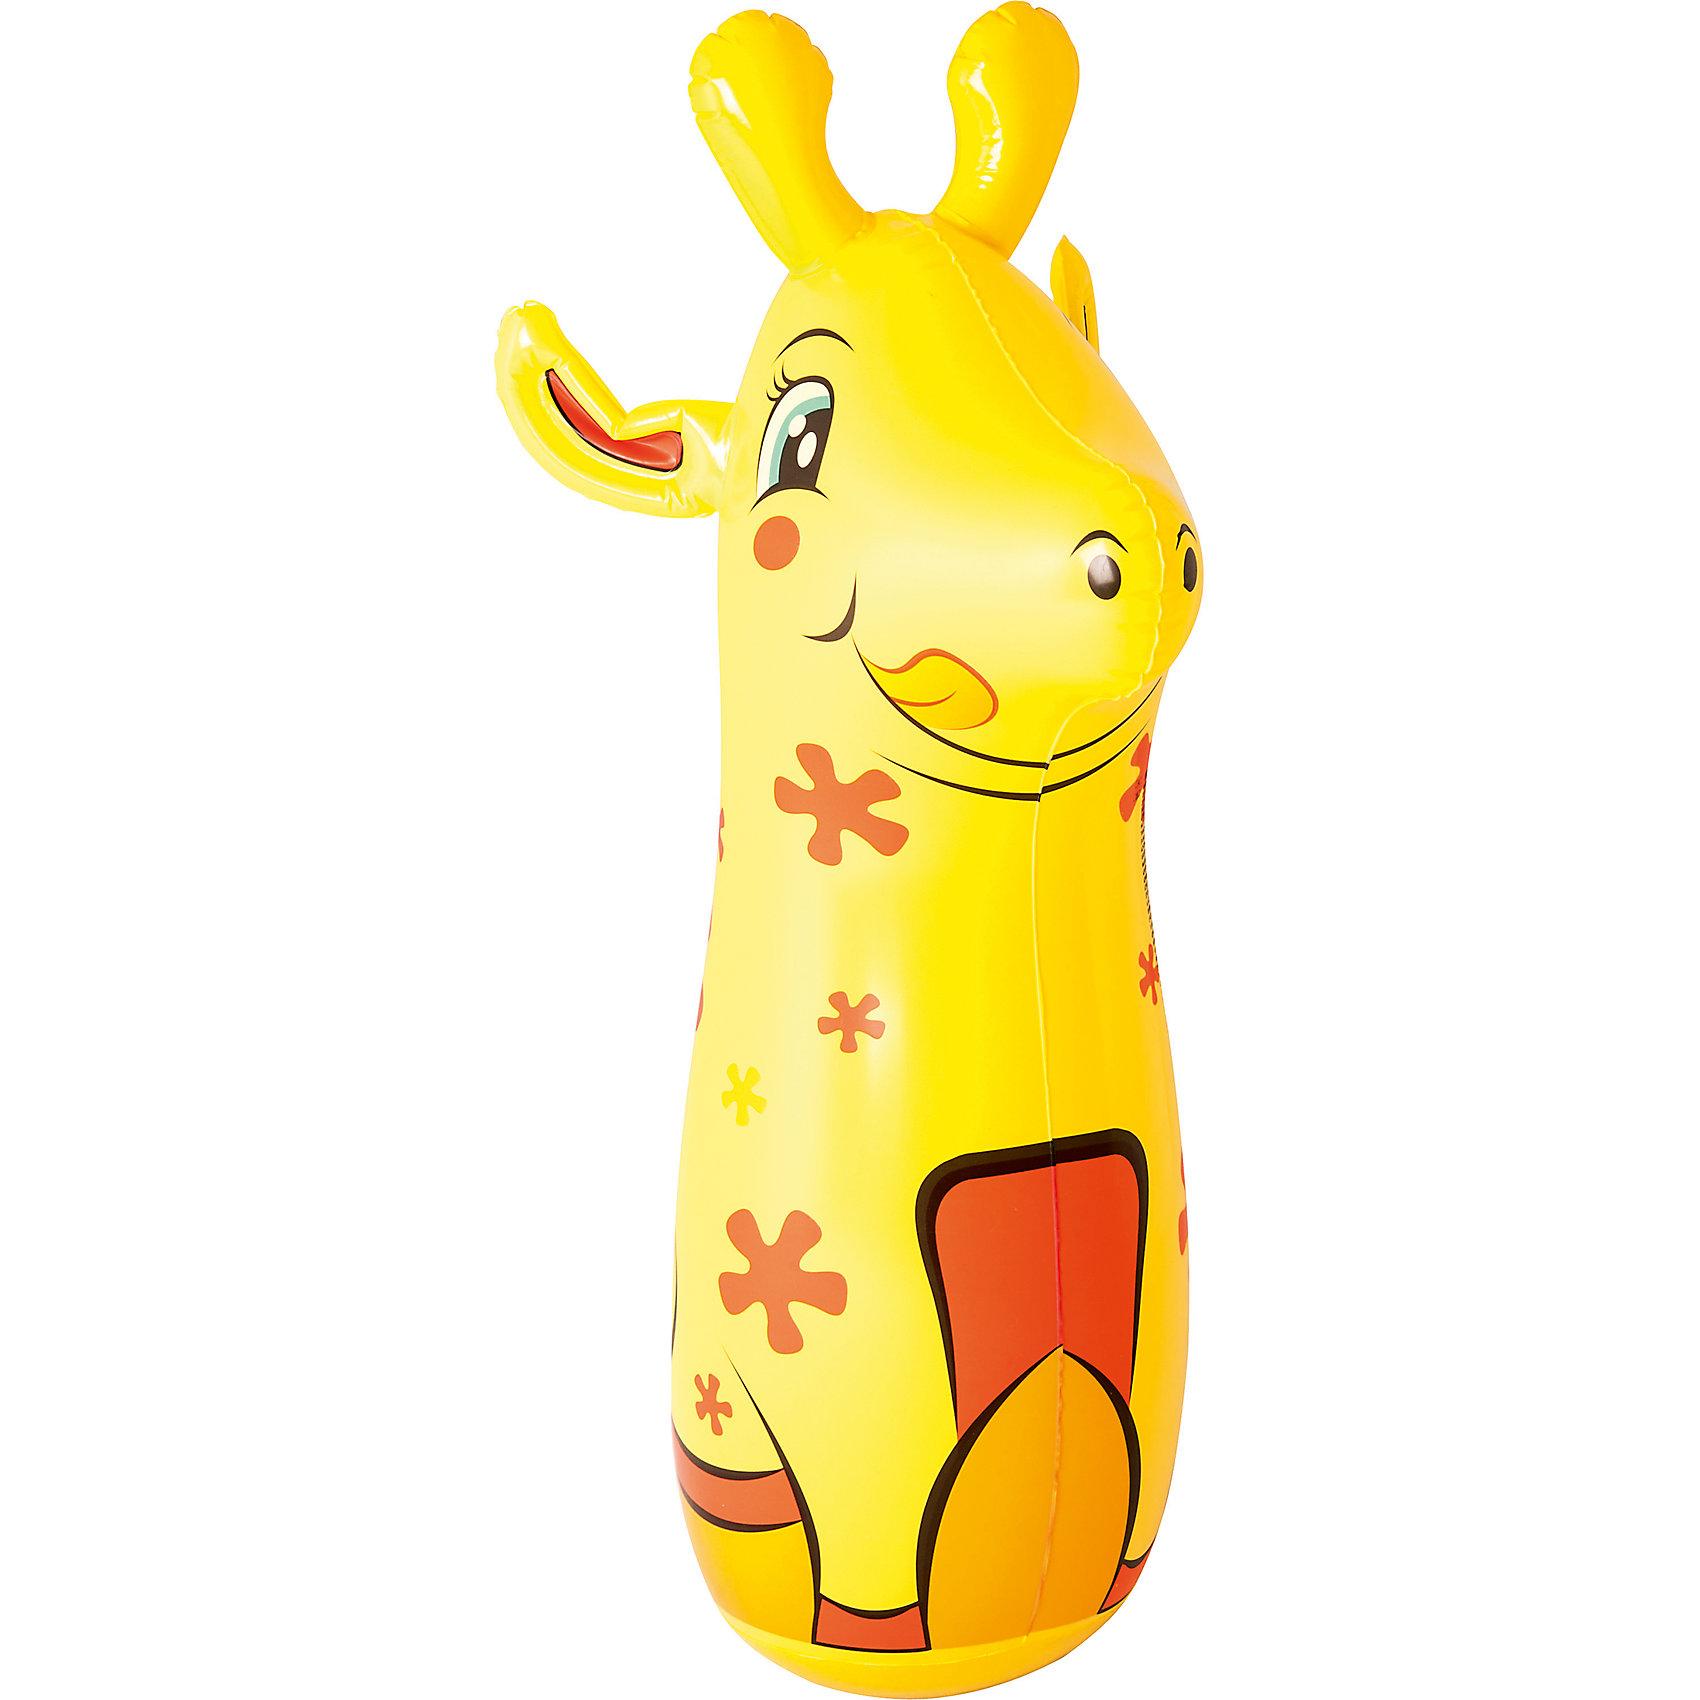 Надувная игрушка для боксирования Жираф, 91 см, BestwayИгровые наборы<br>Надувная игрушка для боксирования Жираф, 91 см, Bestway (Бествей)<br><br>Характеристики:<br><br>• легкая и устойчивая<br>• способствует физическому развитию<br>• развивает навыки обороны<br>• привлекательный дизайн в виде жирафа<br>• высота: 91 см<br>• размер упаковки: 4,5х19,5х20 см<br>• вес: 1,11 кг<br><br>Надувная игрушка Bestway подойдет для игр на суше и в воде. Она изготовлена из прочного поливинилхлорида, который справится с большими нагрузками. Для установки игрушки достаточно надуть ее и заполнить небольшим количеством воды через специальное отверстие. Игрушка выполнена в виде забавного жирафа, который непременно впечатлит ребенка. Игра способствует физическому развитию, укреплению мышц и развивает навыки обороны. <br><br>Надувную игрушку для боксирования Жираф, 91 см, Bestway (Бествей) вы можете купить в нашем интернет-магазине.<br><br>Ширина мм: 270<br>Глубина мм: 220<br>Высота мм: 220<br>Вес г: 1110<br>Возраст от месяцев: 36<br>Возраст до месяцев: 2147483647<br>Пол: Унисекс<br>Возраст: Детский<br>SKU: 5486901